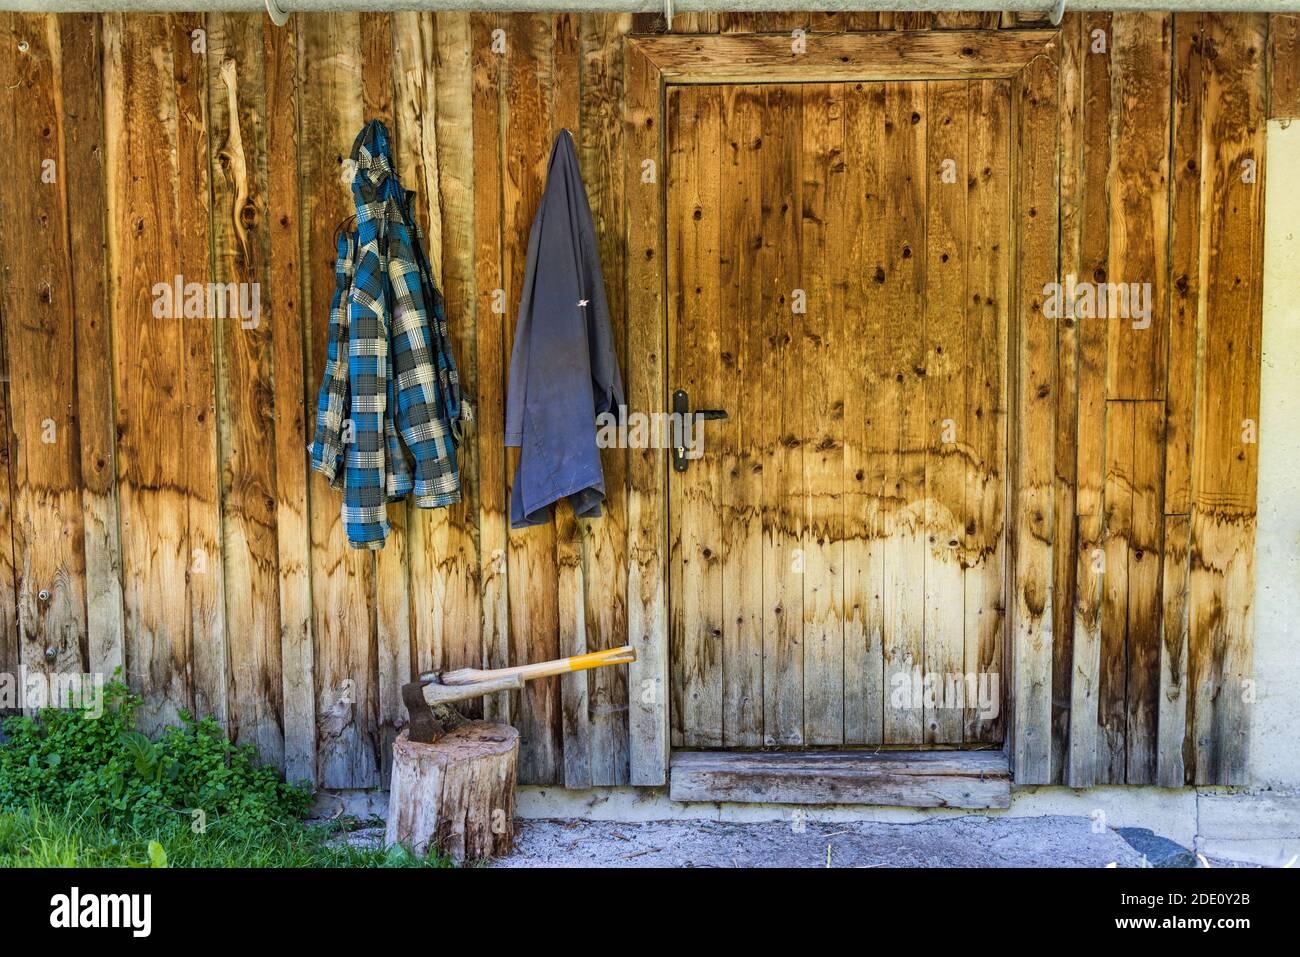 Deux haches en bois coincées dans le coffre à hacher en bois. En arrière-plan, un mur en bois de la maison et deux vêtements de travail accrochés à un crochet. Banque D'Images